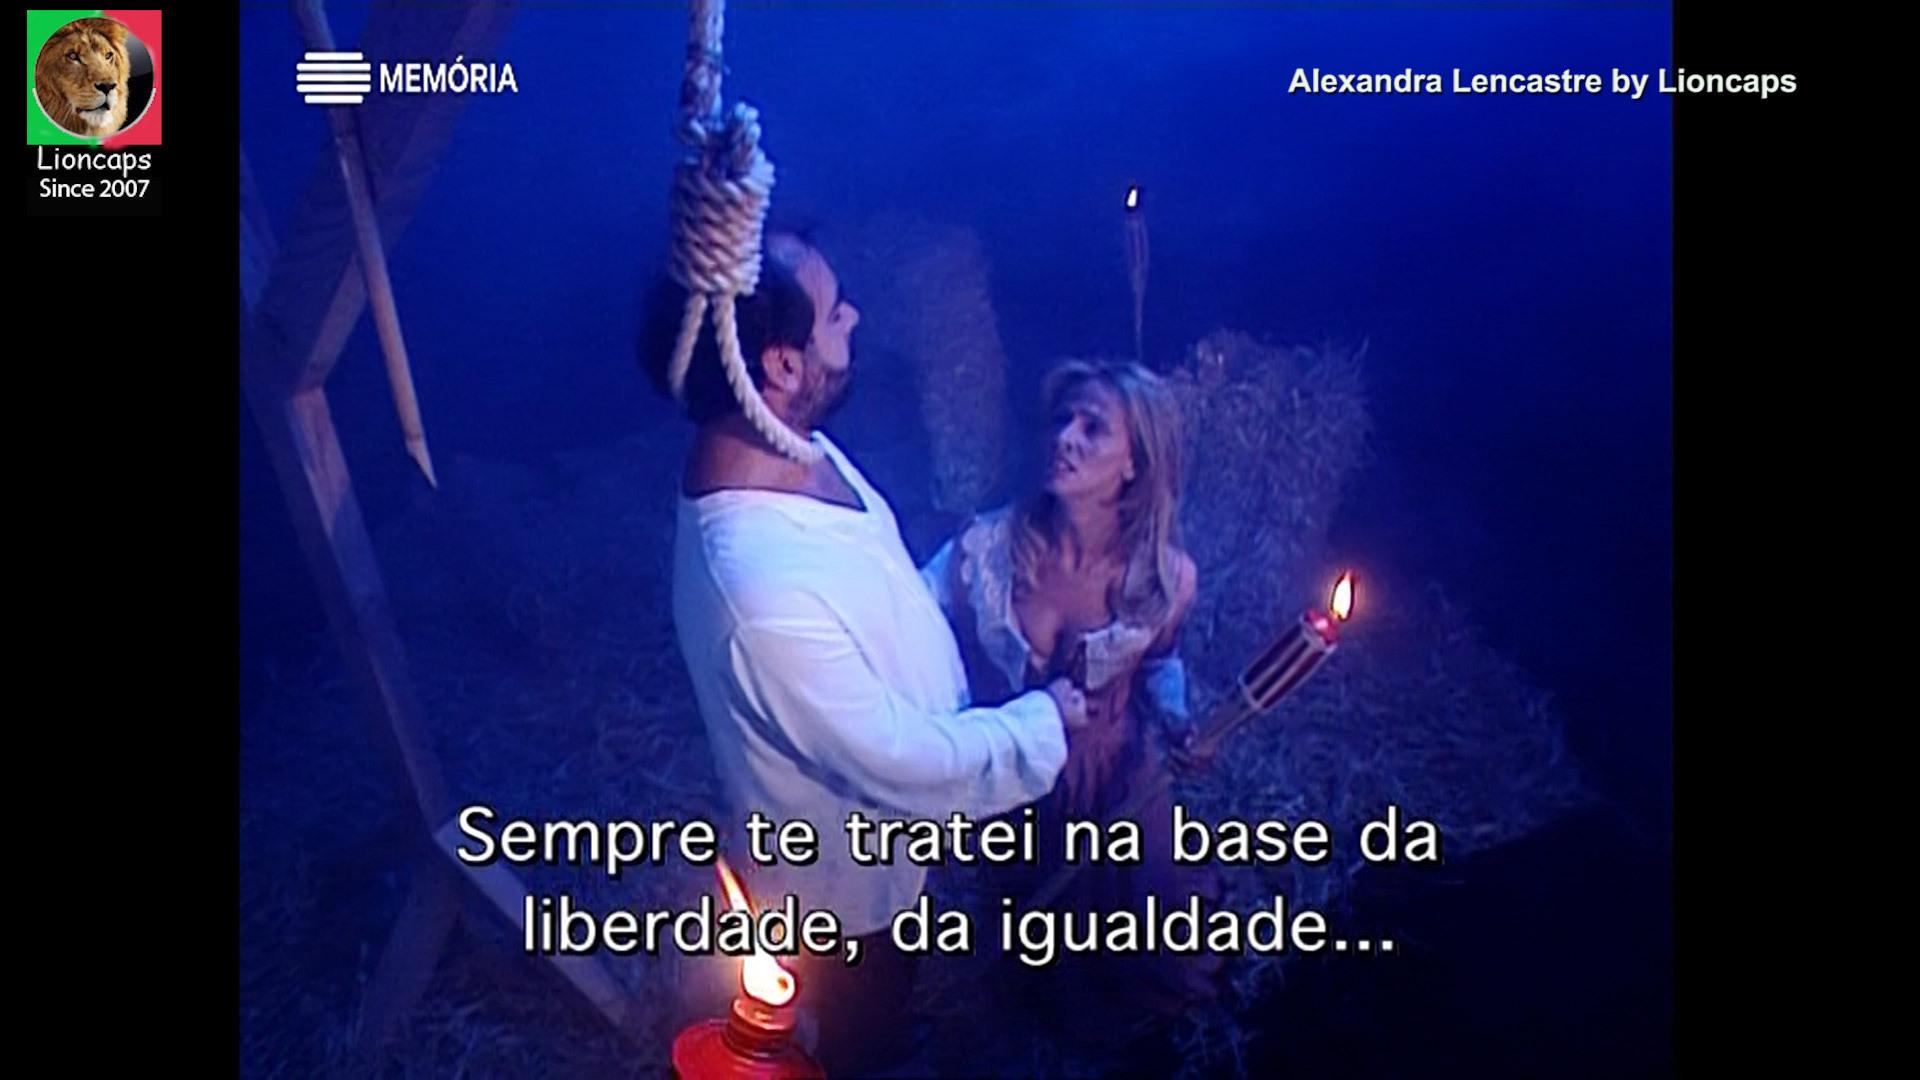 alexandra_lencastre_nao_es_homem_lioncaps_31_08_2021_02 (6).jpg